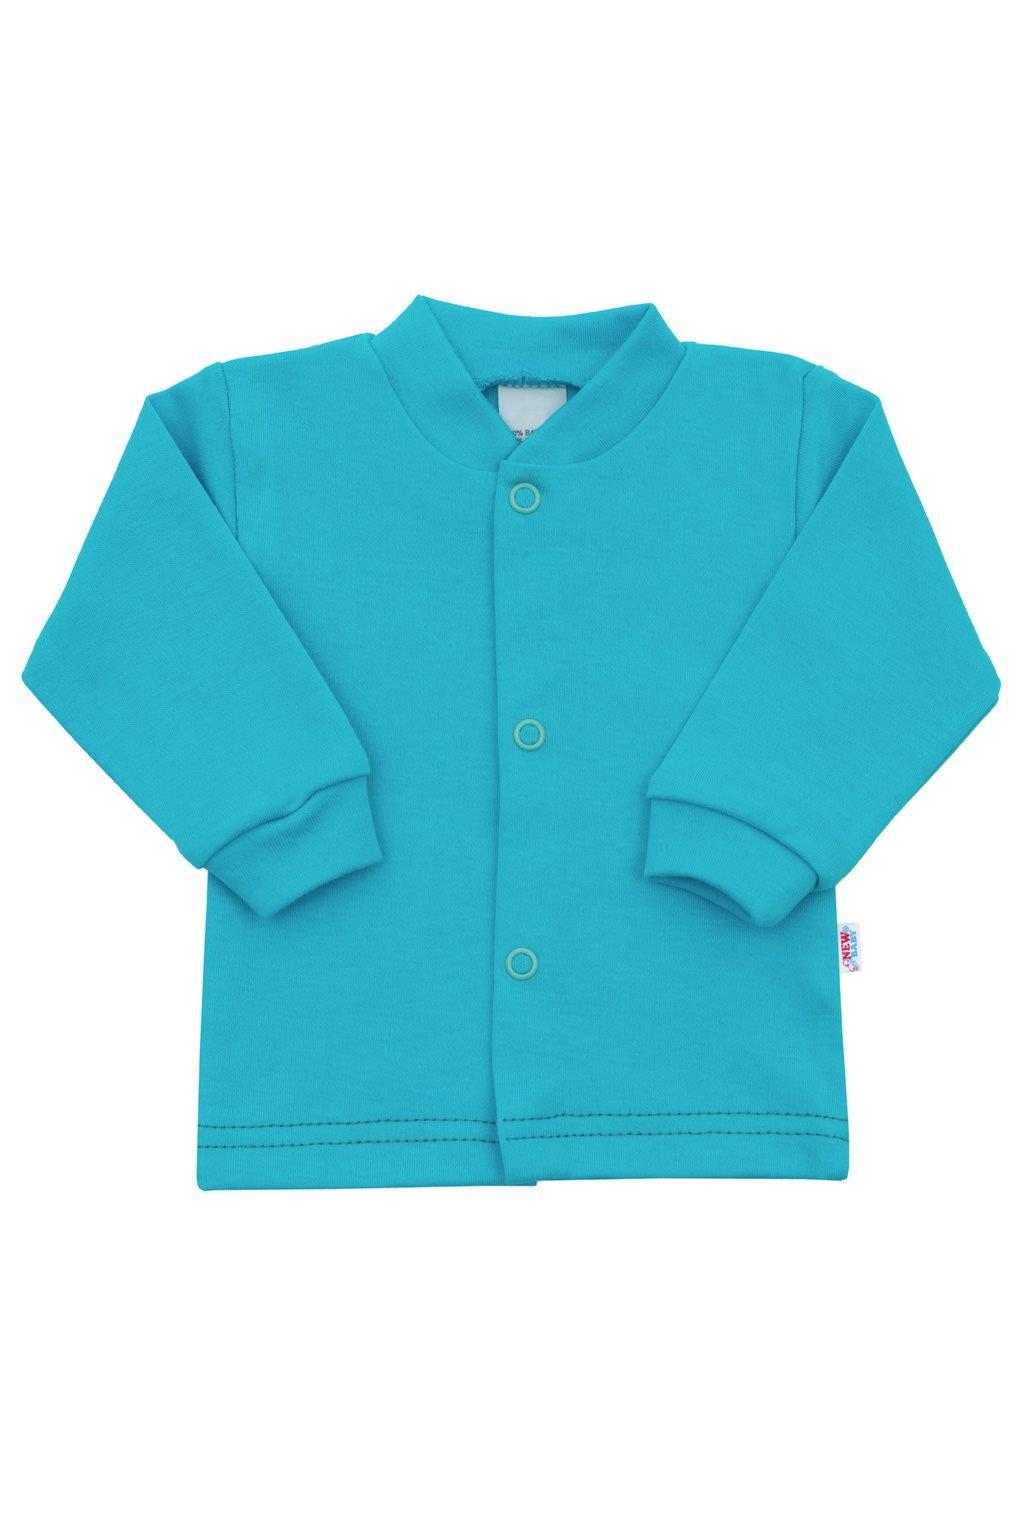 Dojčenský kabátik New Baby Mouse tyrkysový NJSK 42170